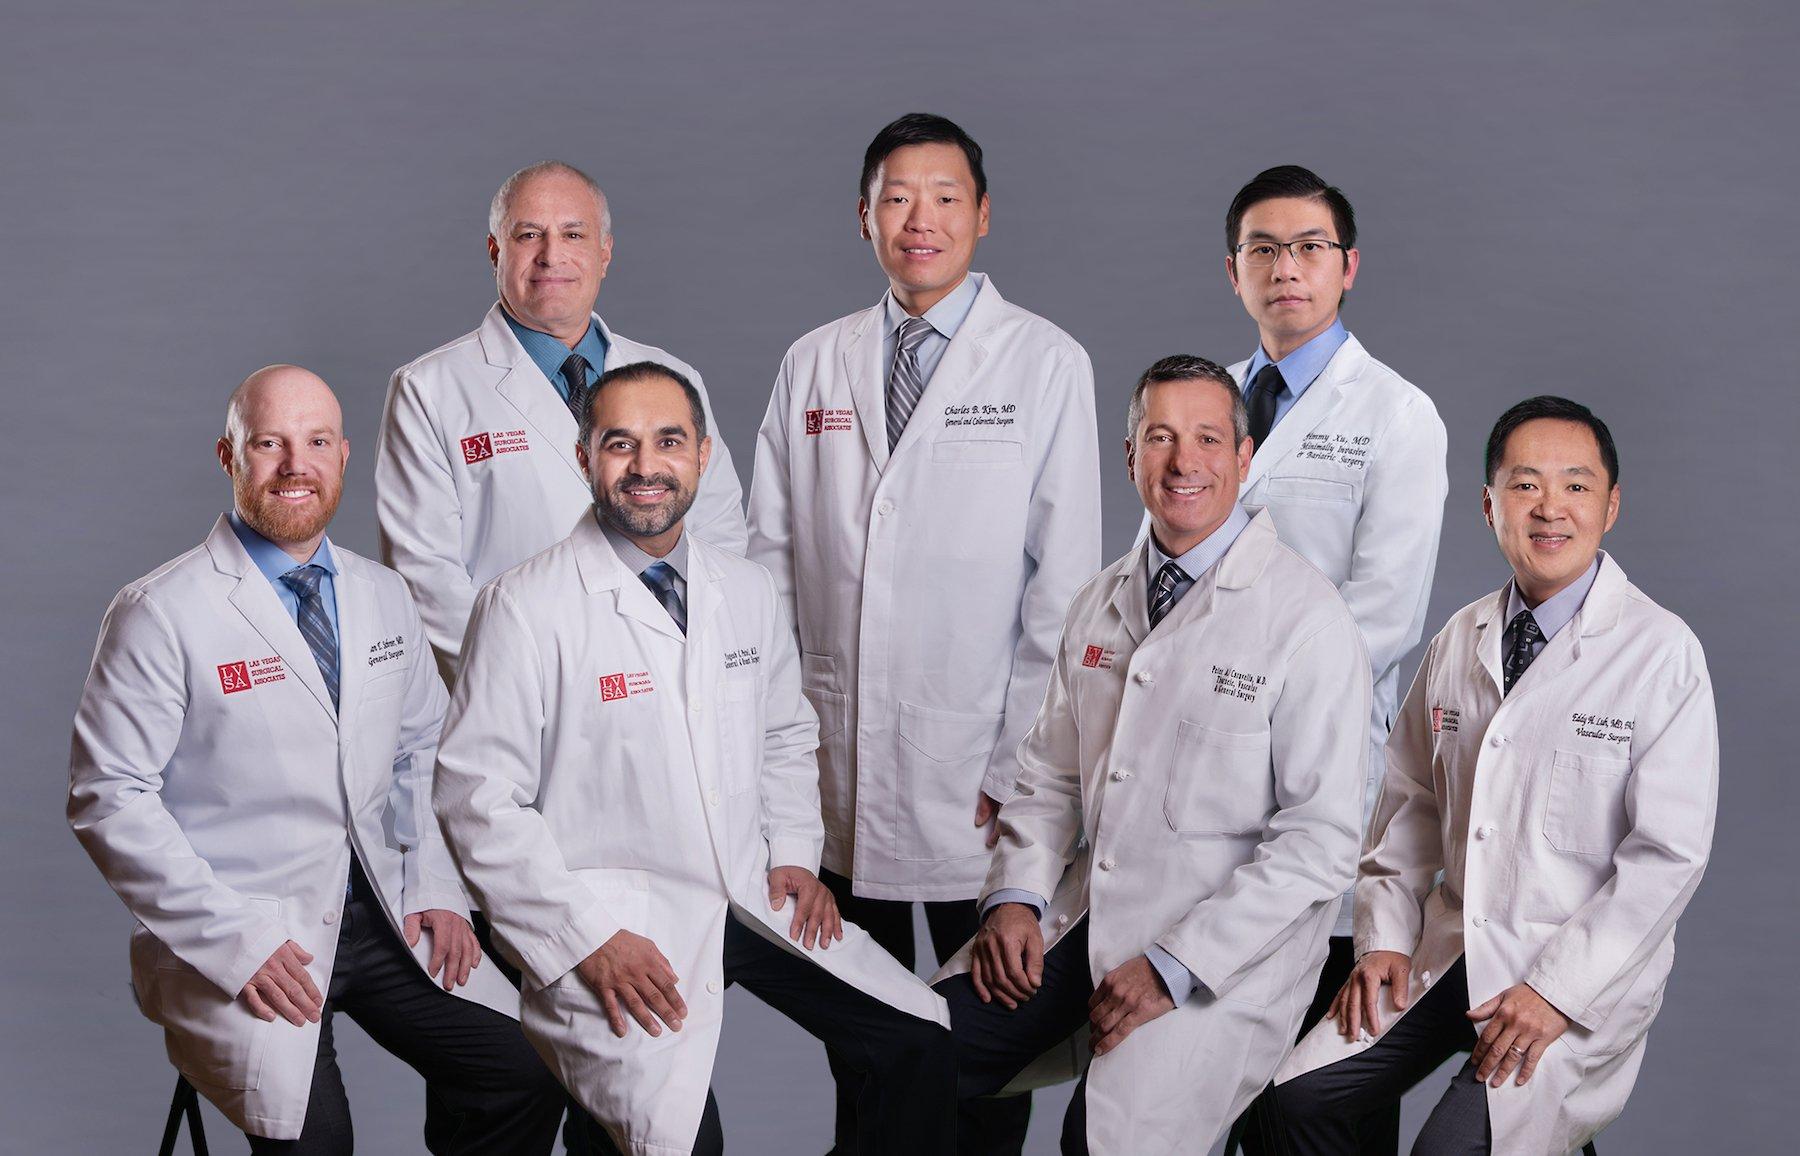 Las Vegas Surgical Doctors 2020